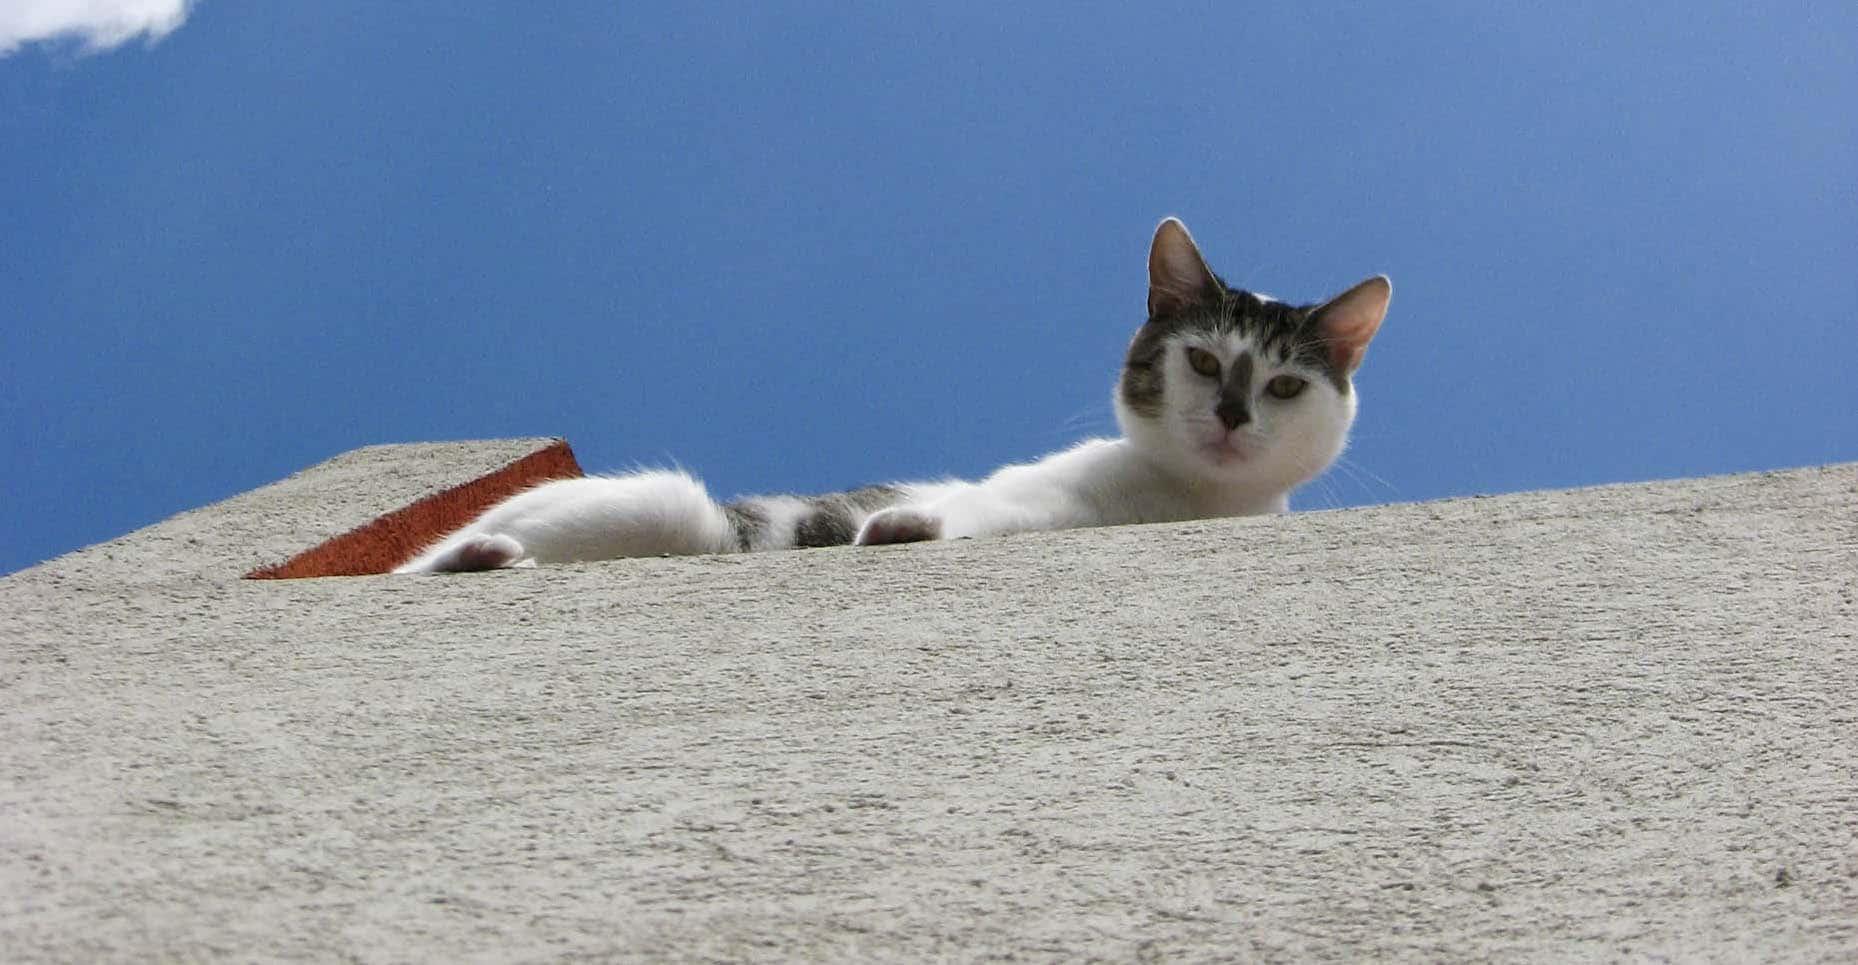 Herbata i koty. Herbaciarnia z kotami w Japonii